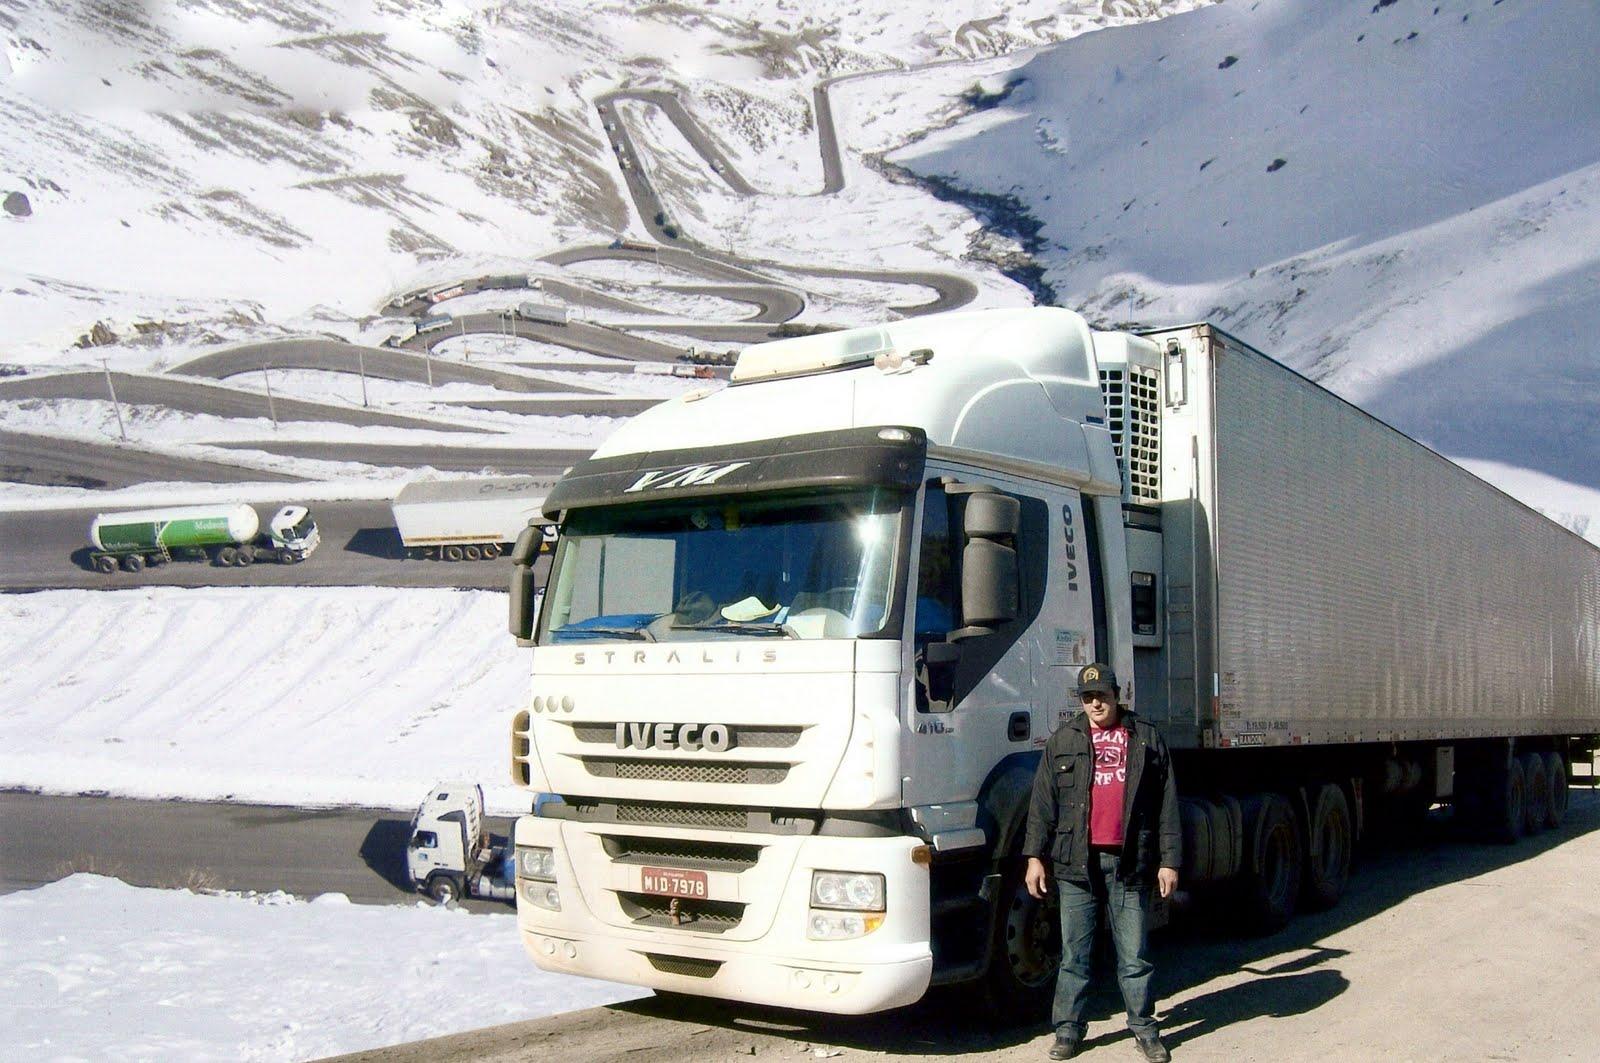 Foto: Refrigeração VM manda foto do seu Stralis na Cordilheira Digitalizar%2525200082